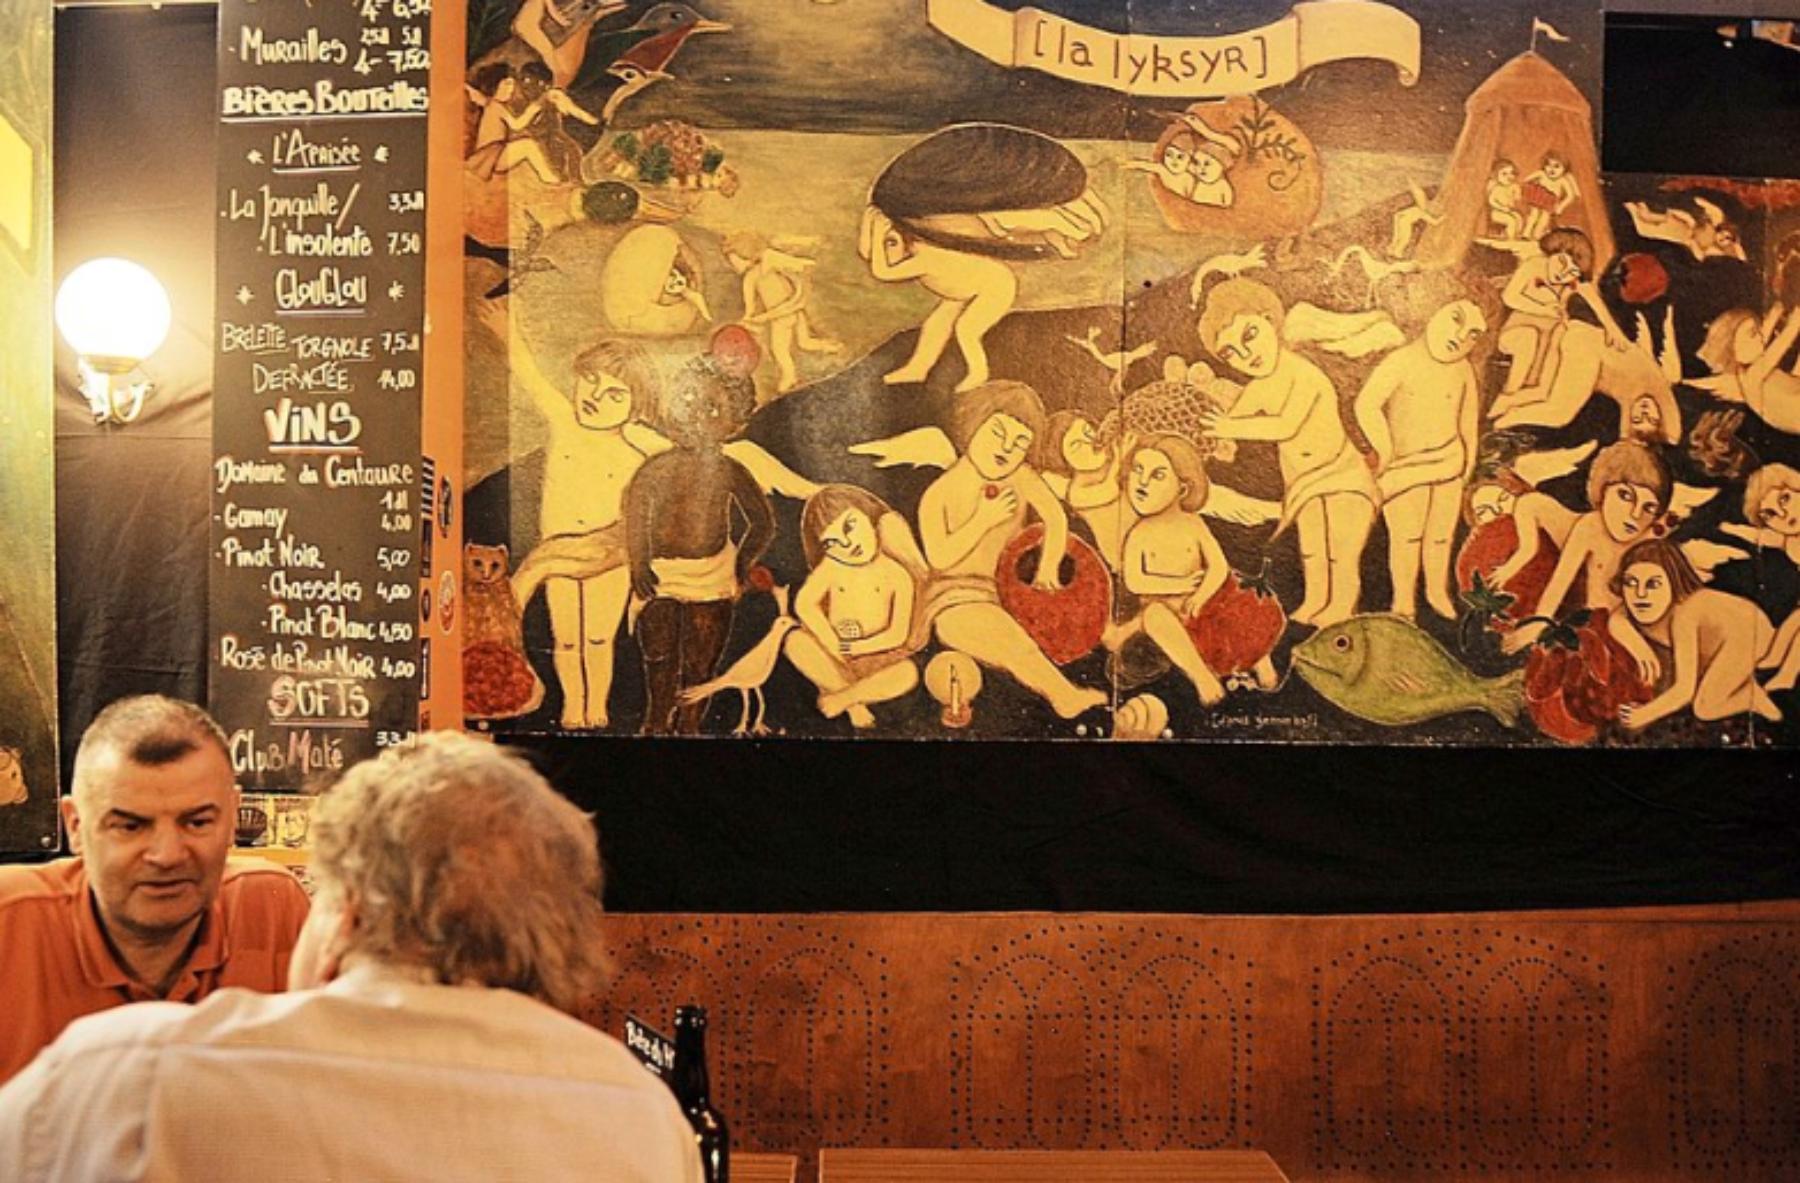 La Bretelle, bar associatif, 40 ans,Tribune de Genève, 26 novembre 2019, fresque, festif